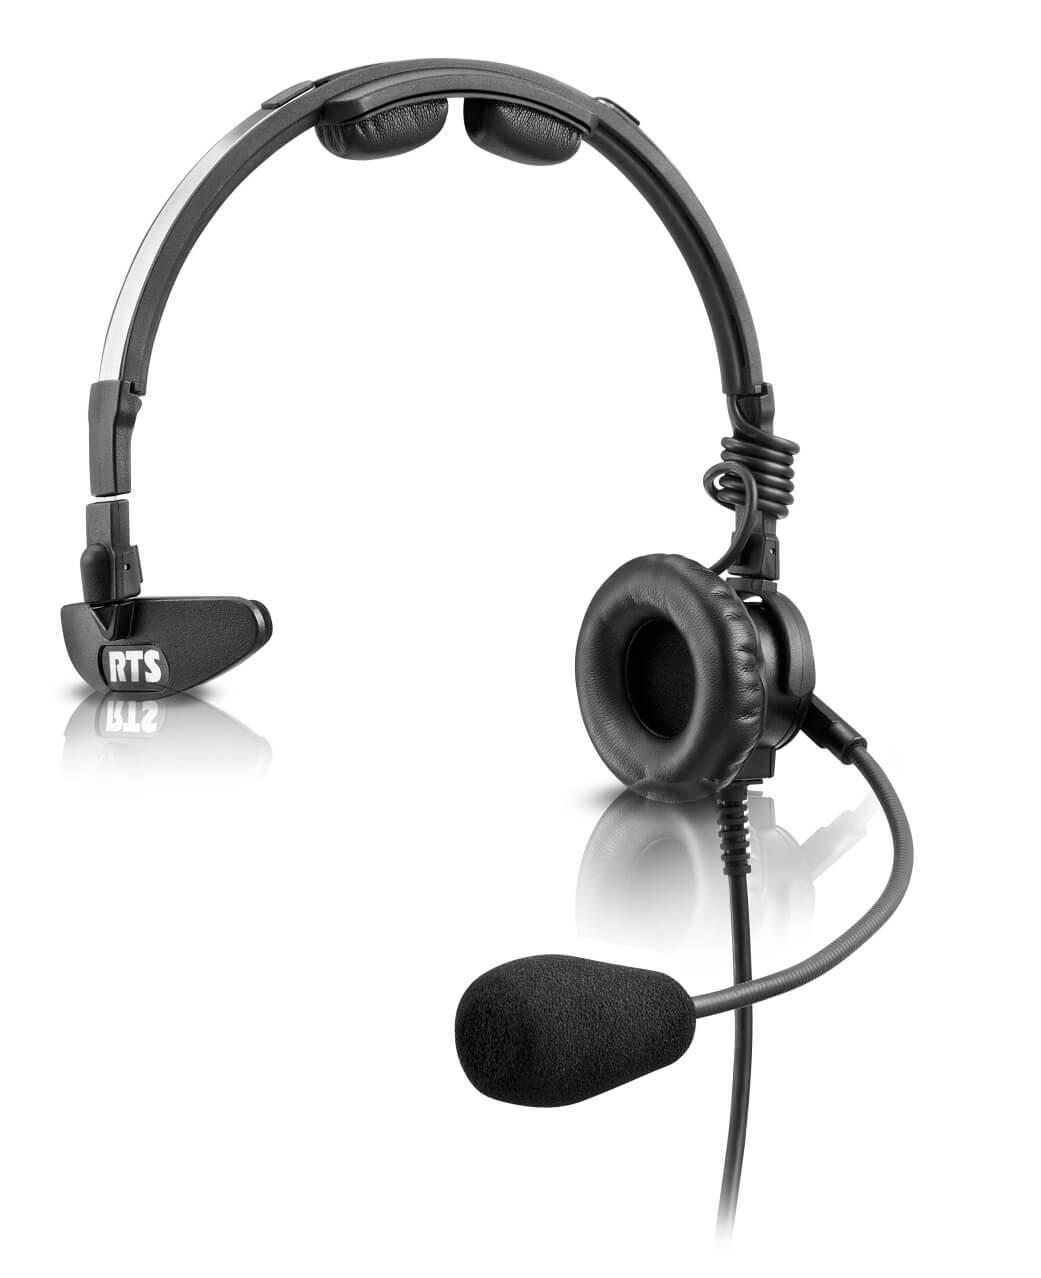 LH300-DM-PT